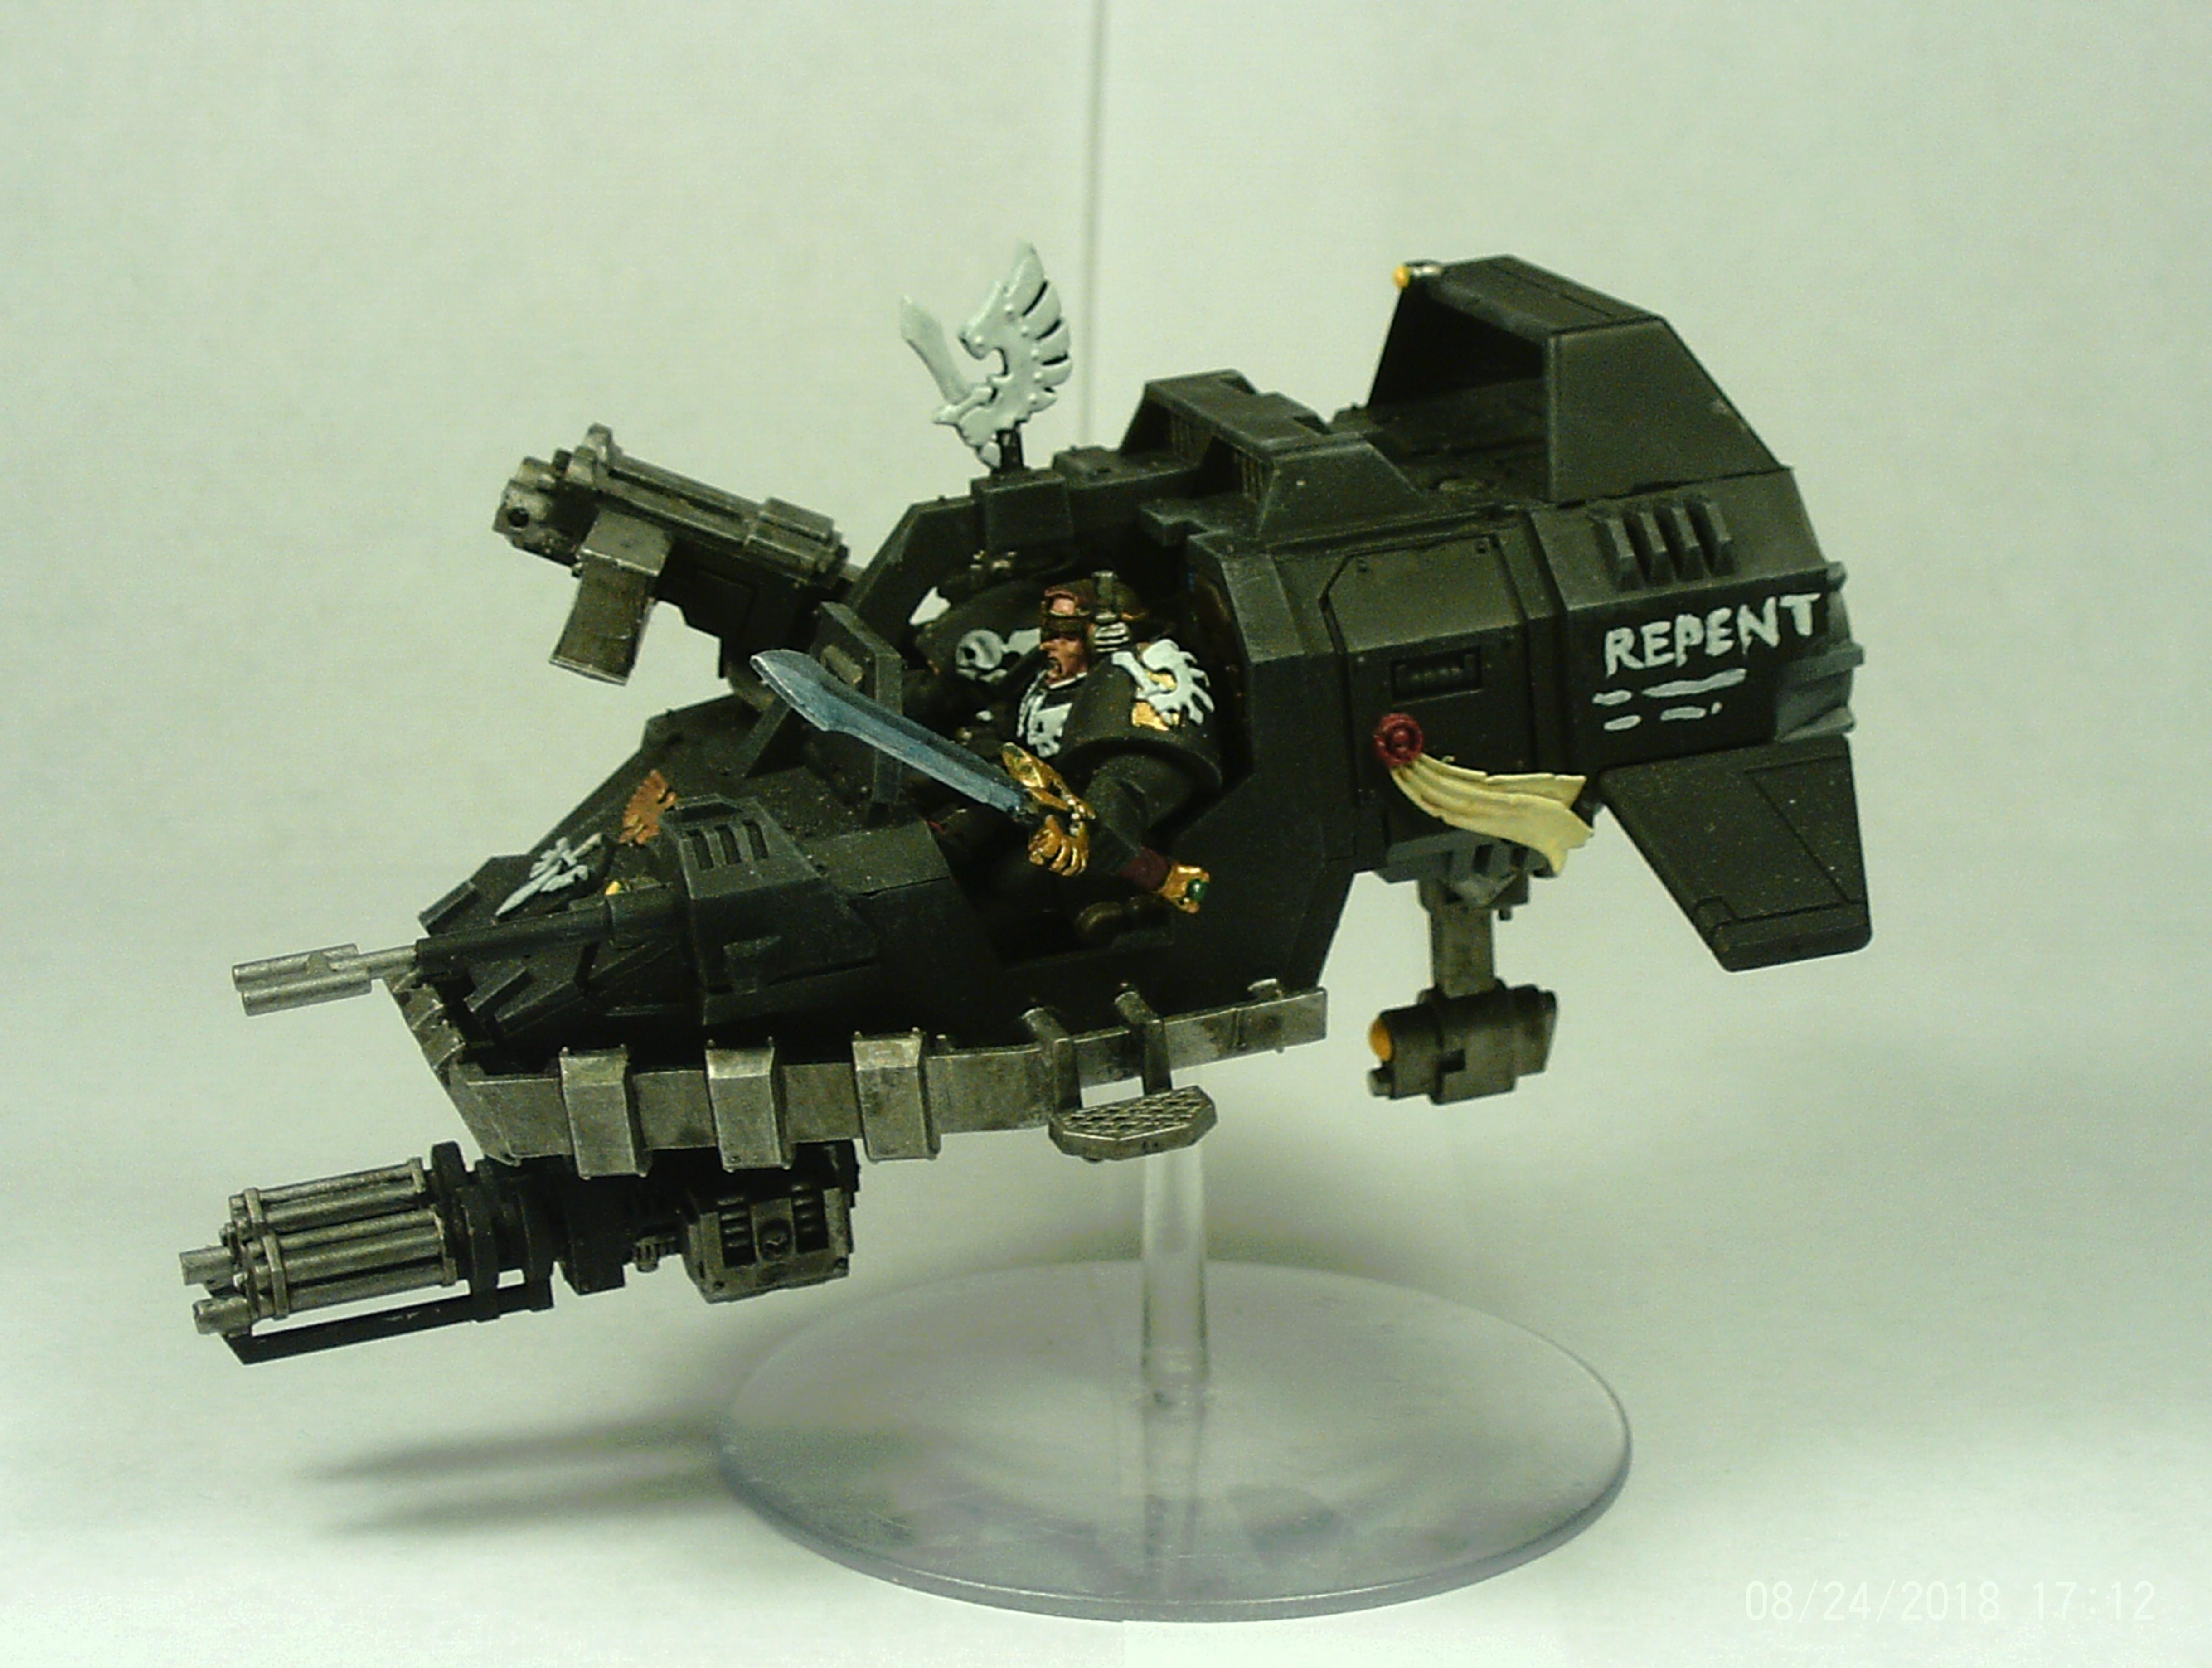 Angel, Assault, Bolter, Cannon, Dark, Heavy, Land, Lieutenant, Ravenwing, Space, Space Marines, Speeder, Sword, Talonmaster, Tornado